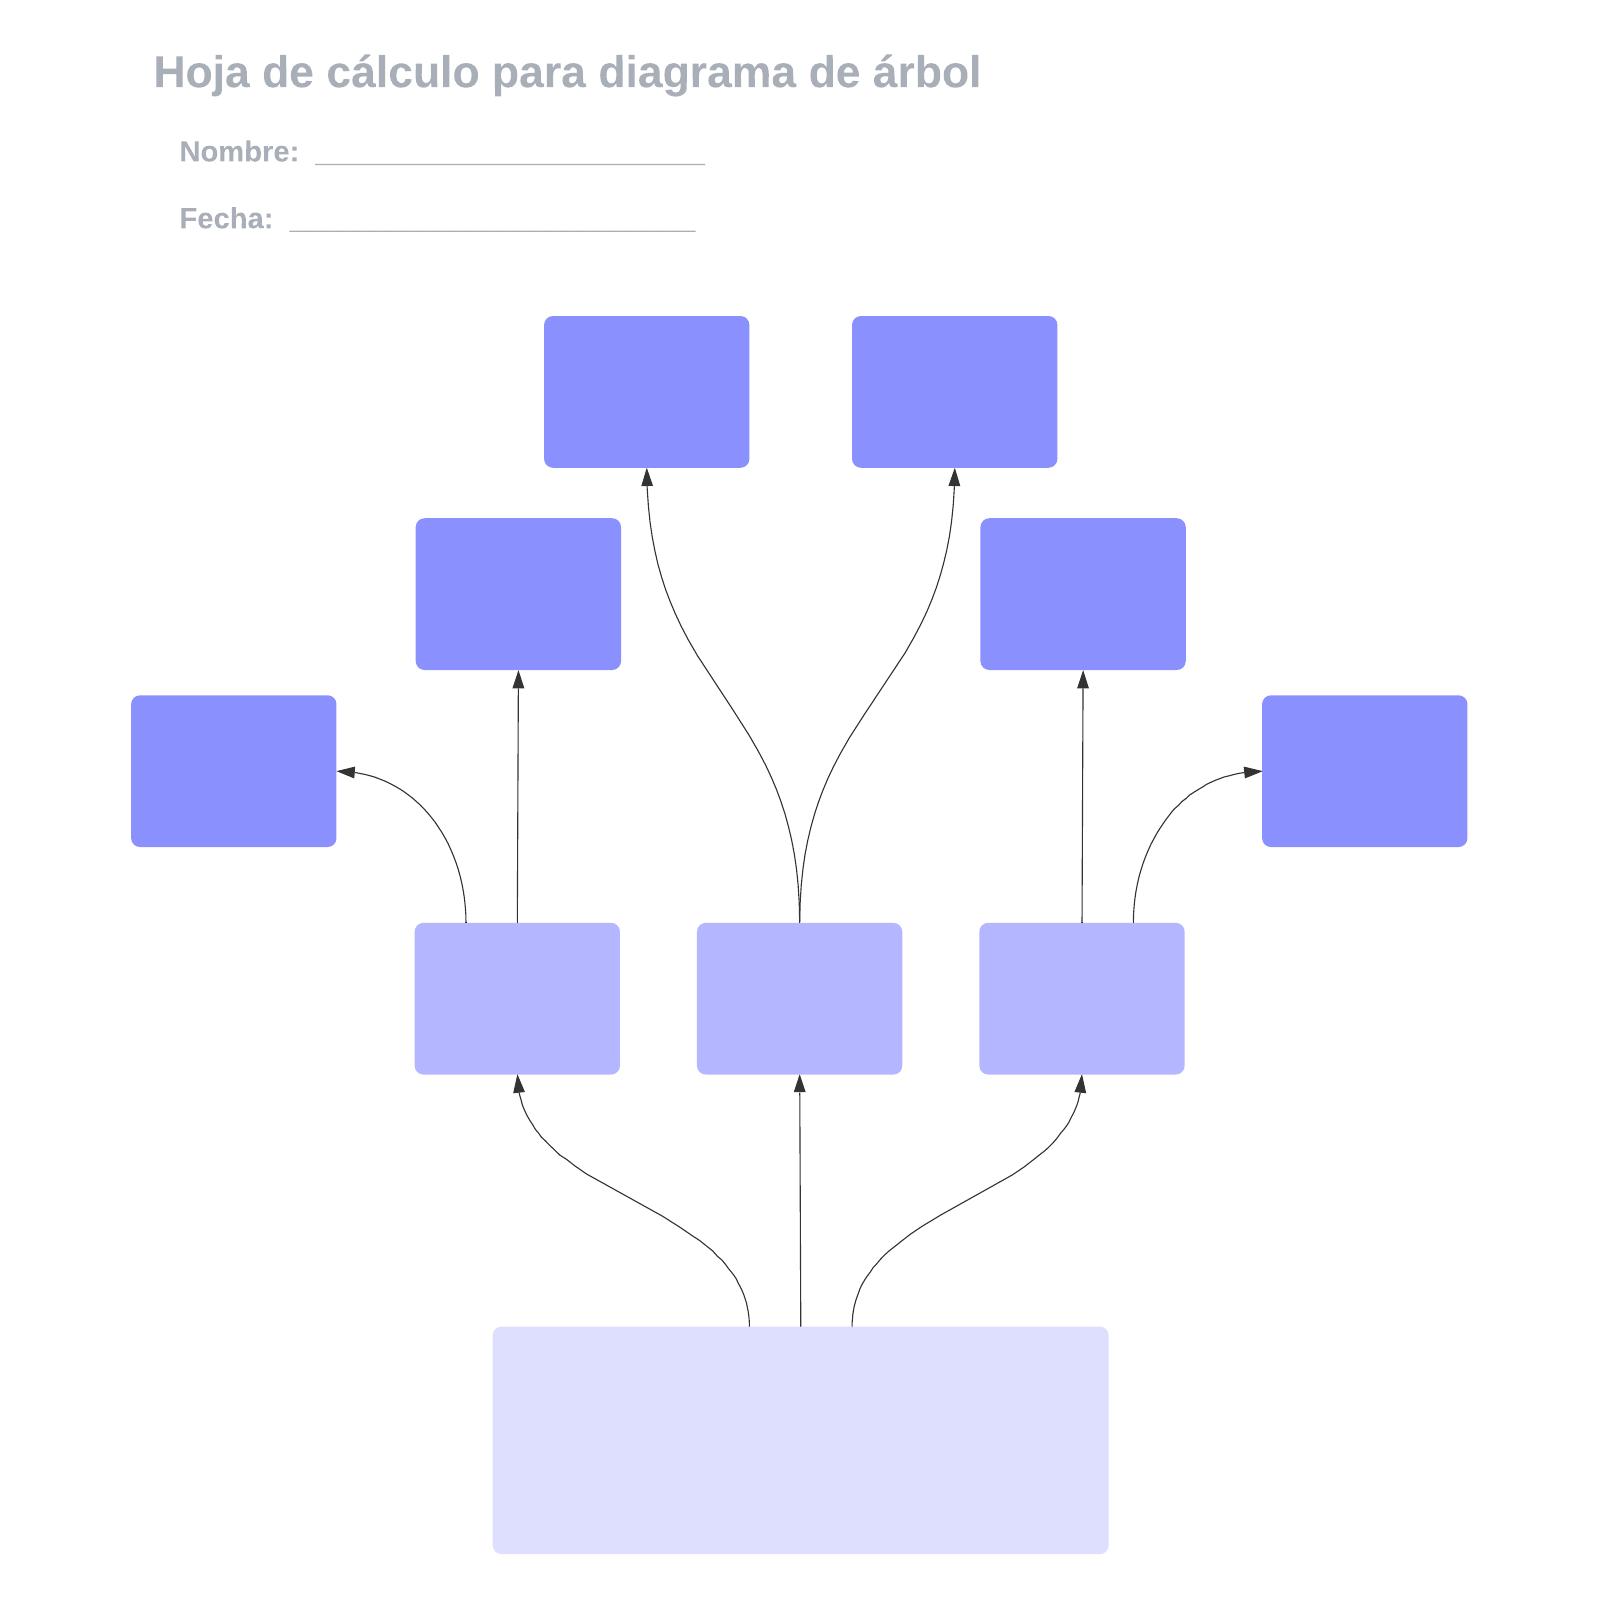 Hoja de cálculo para diagrama de árbol